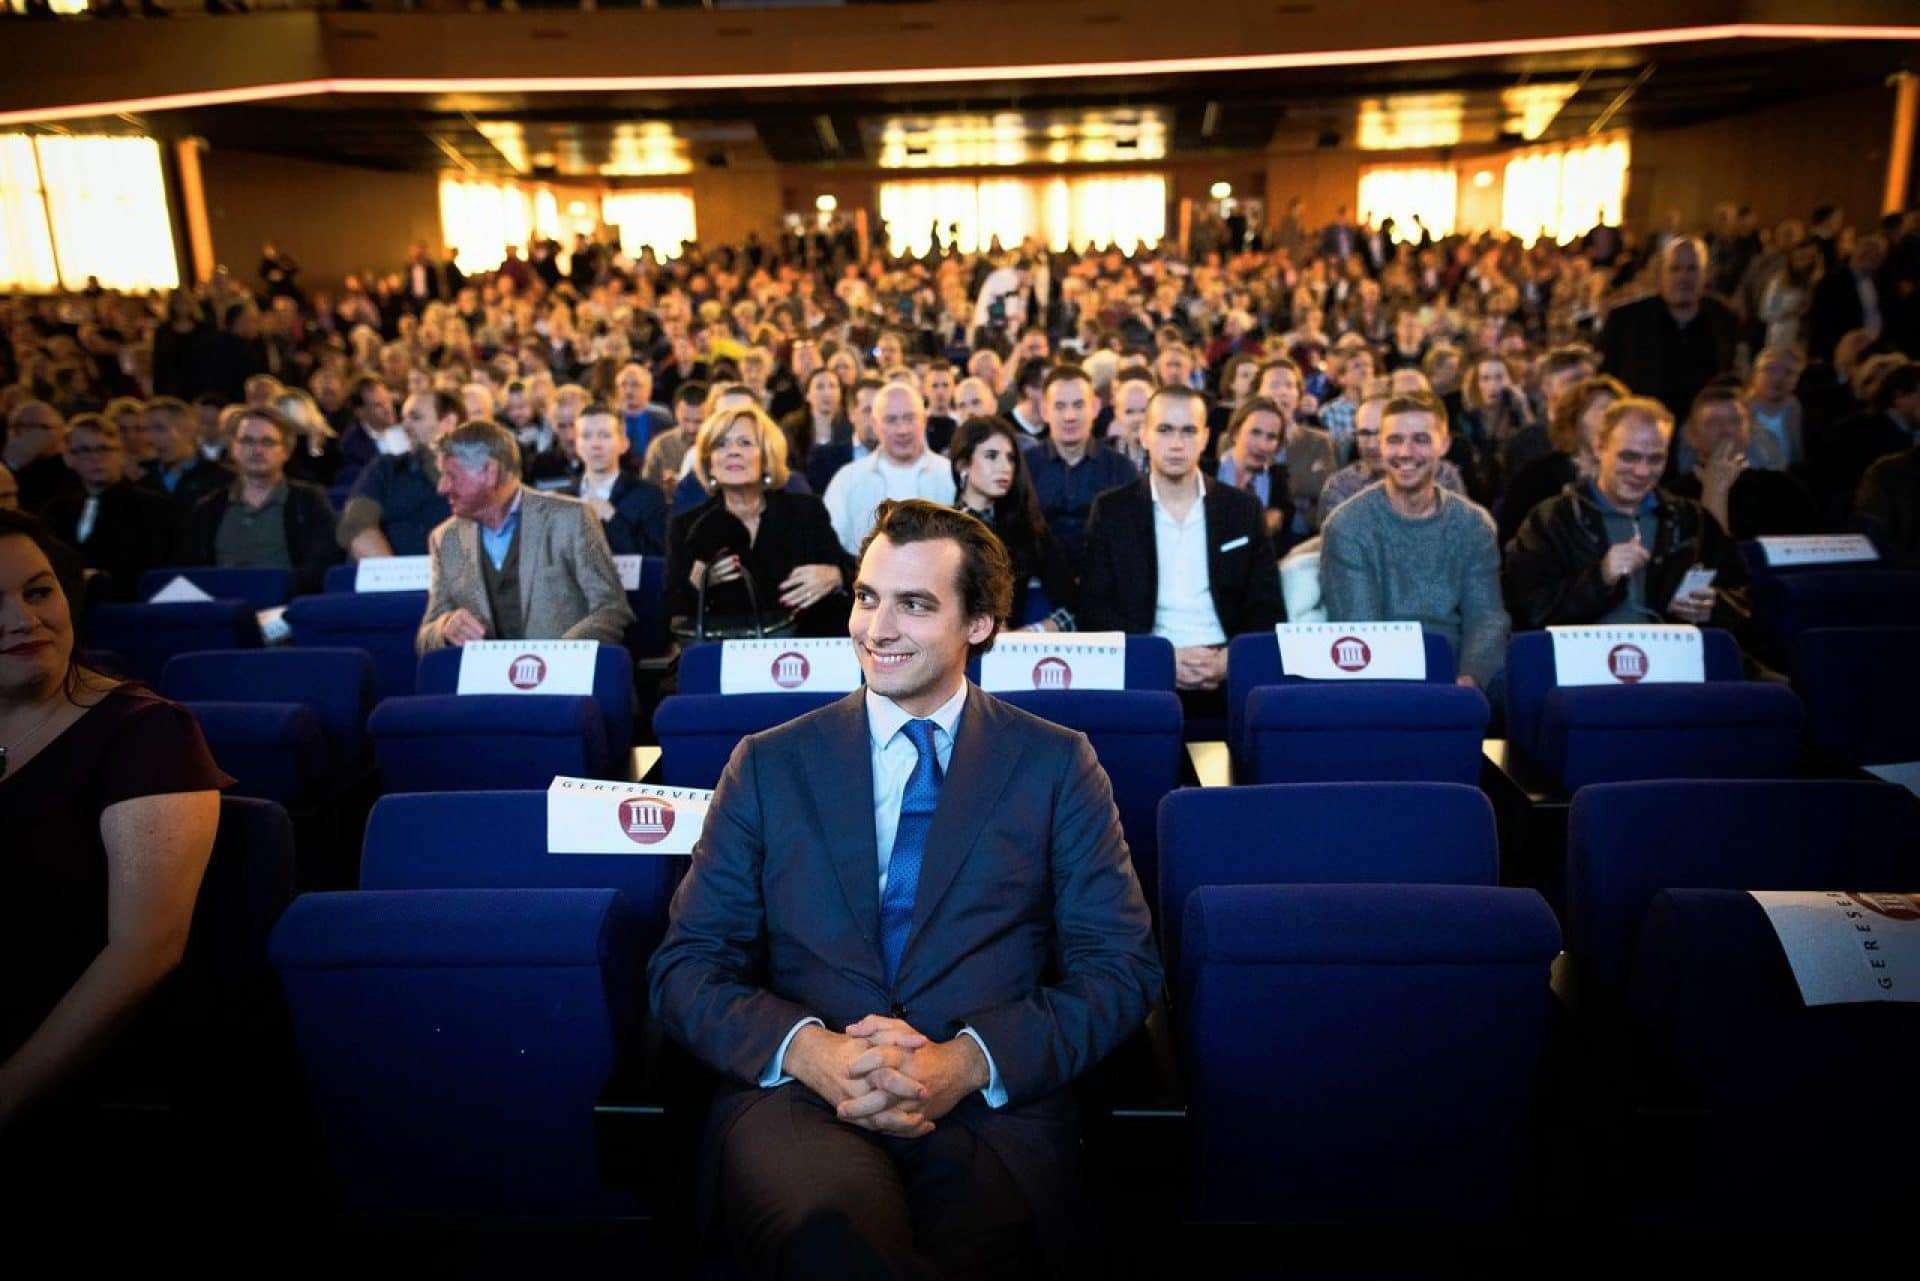 Baudet partij Forum voor democratie